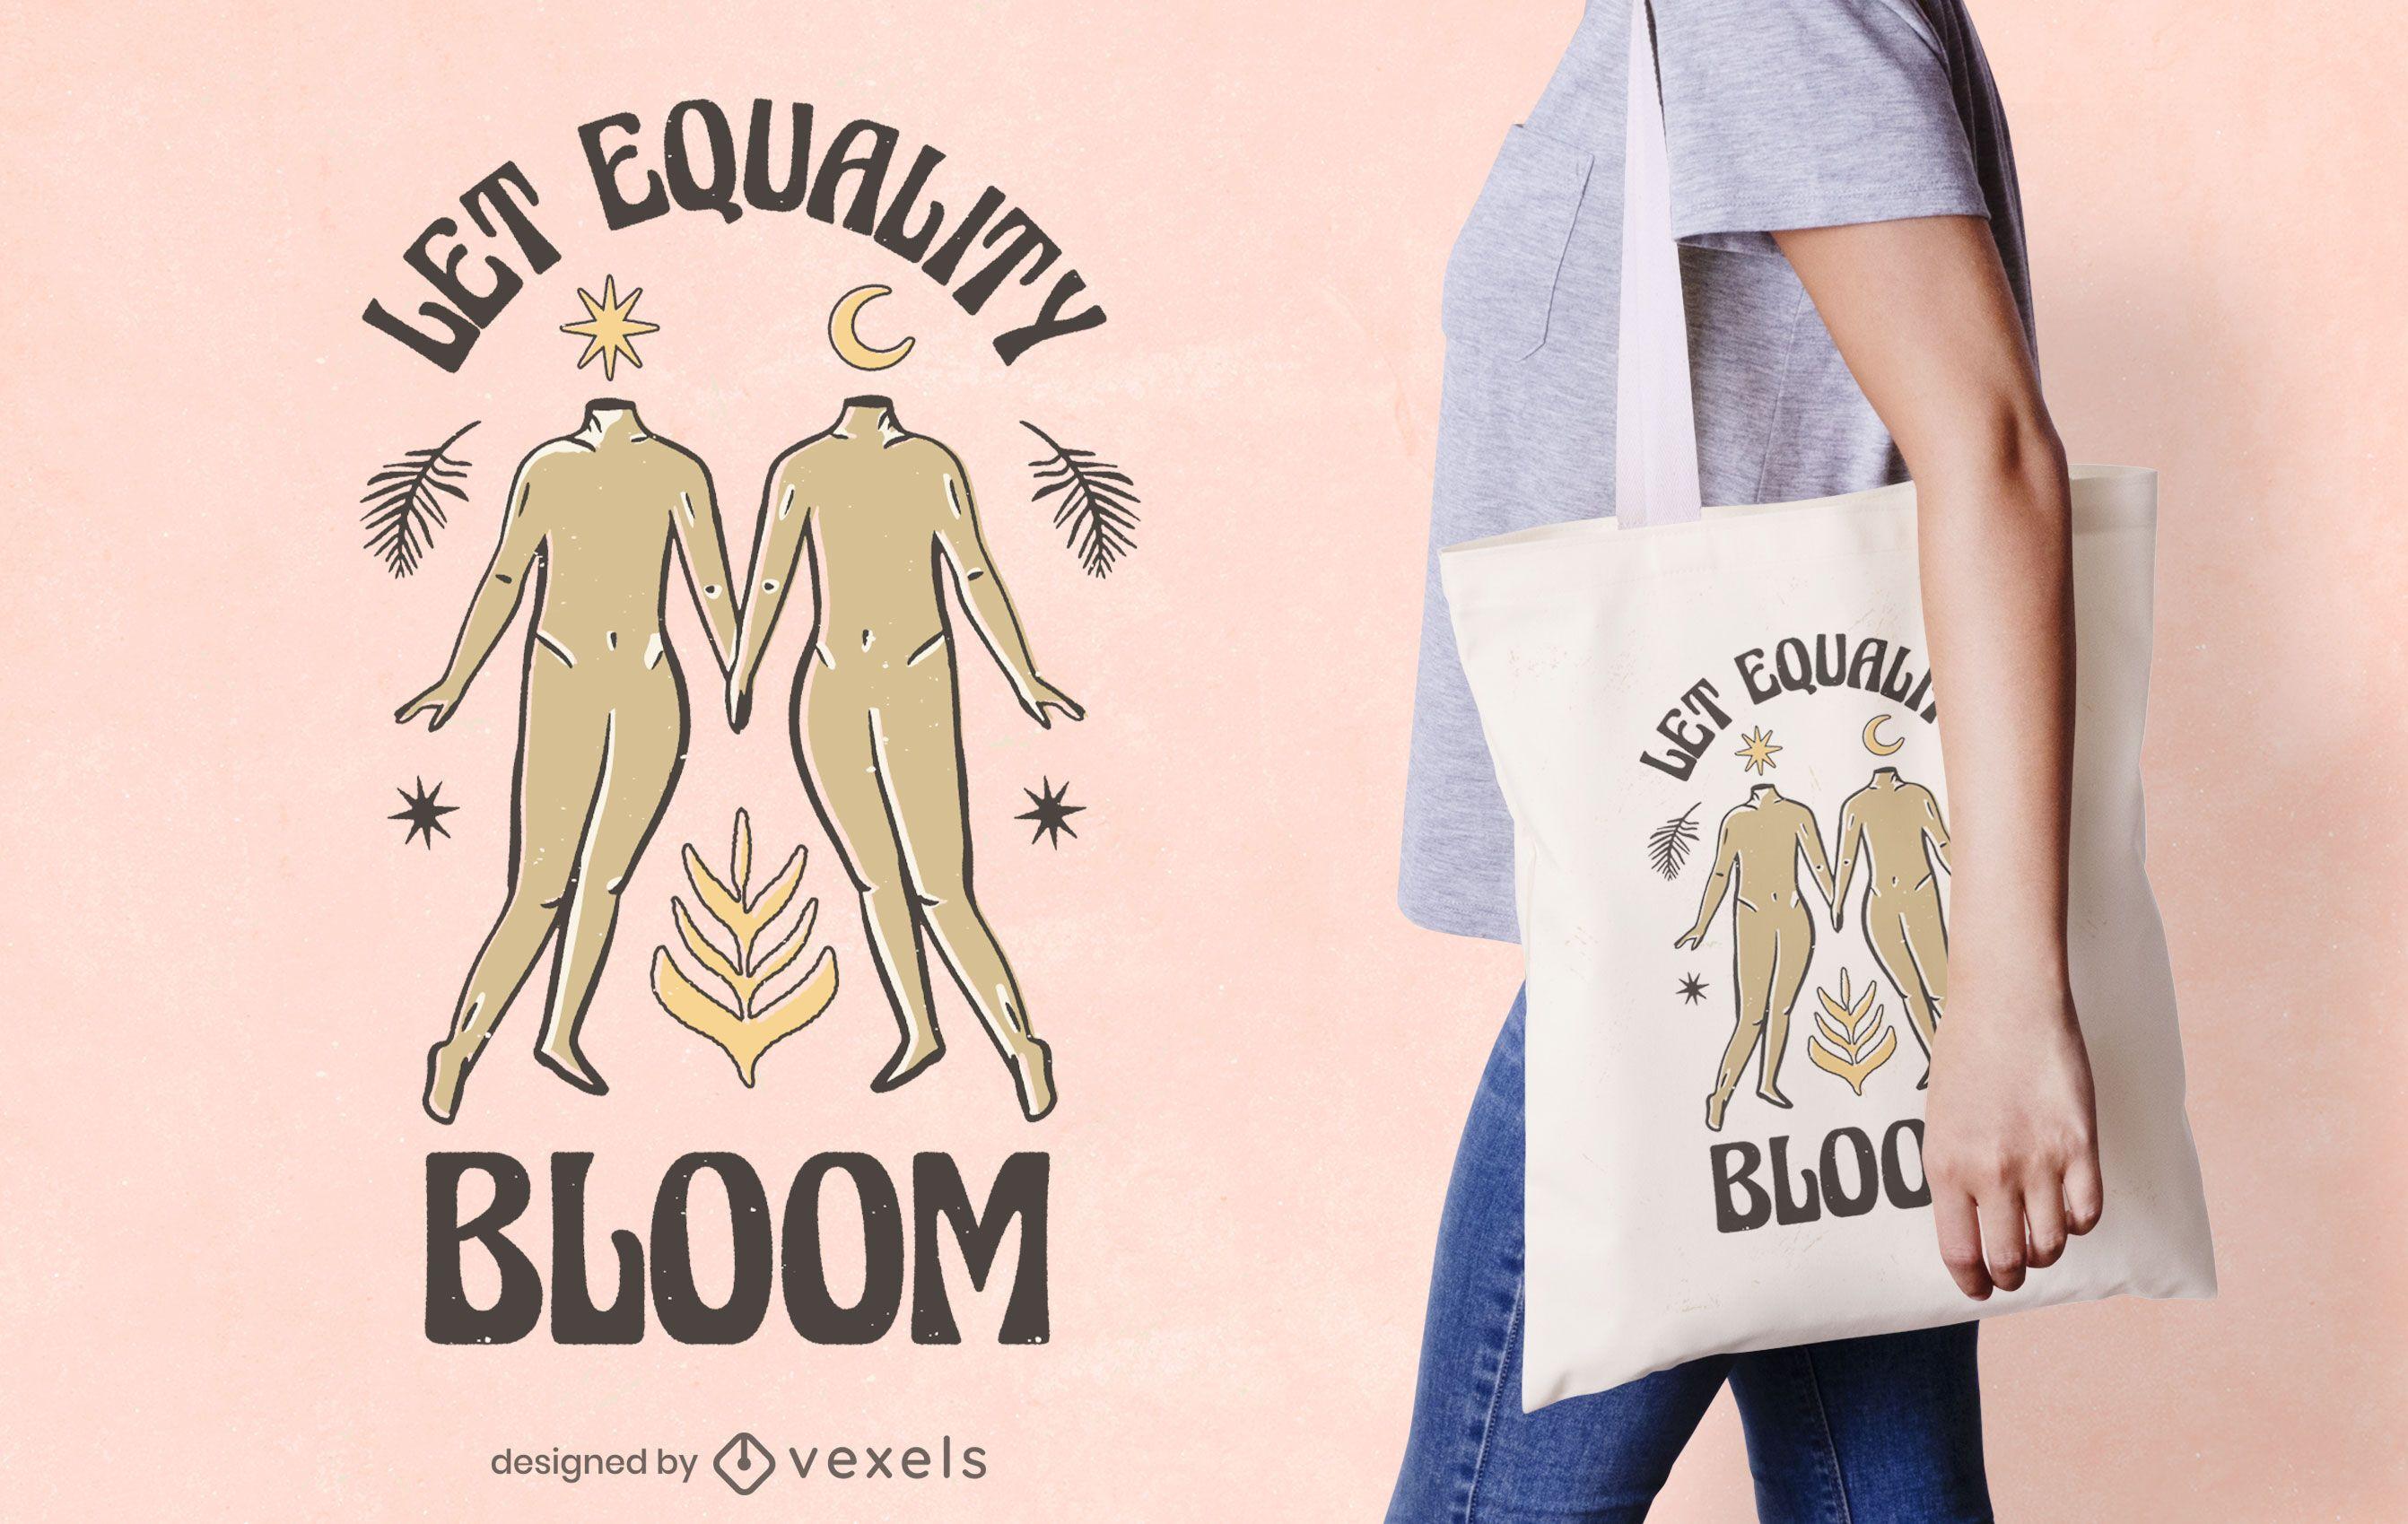 Bolsa de tela día de la paz vacaciones igualdad